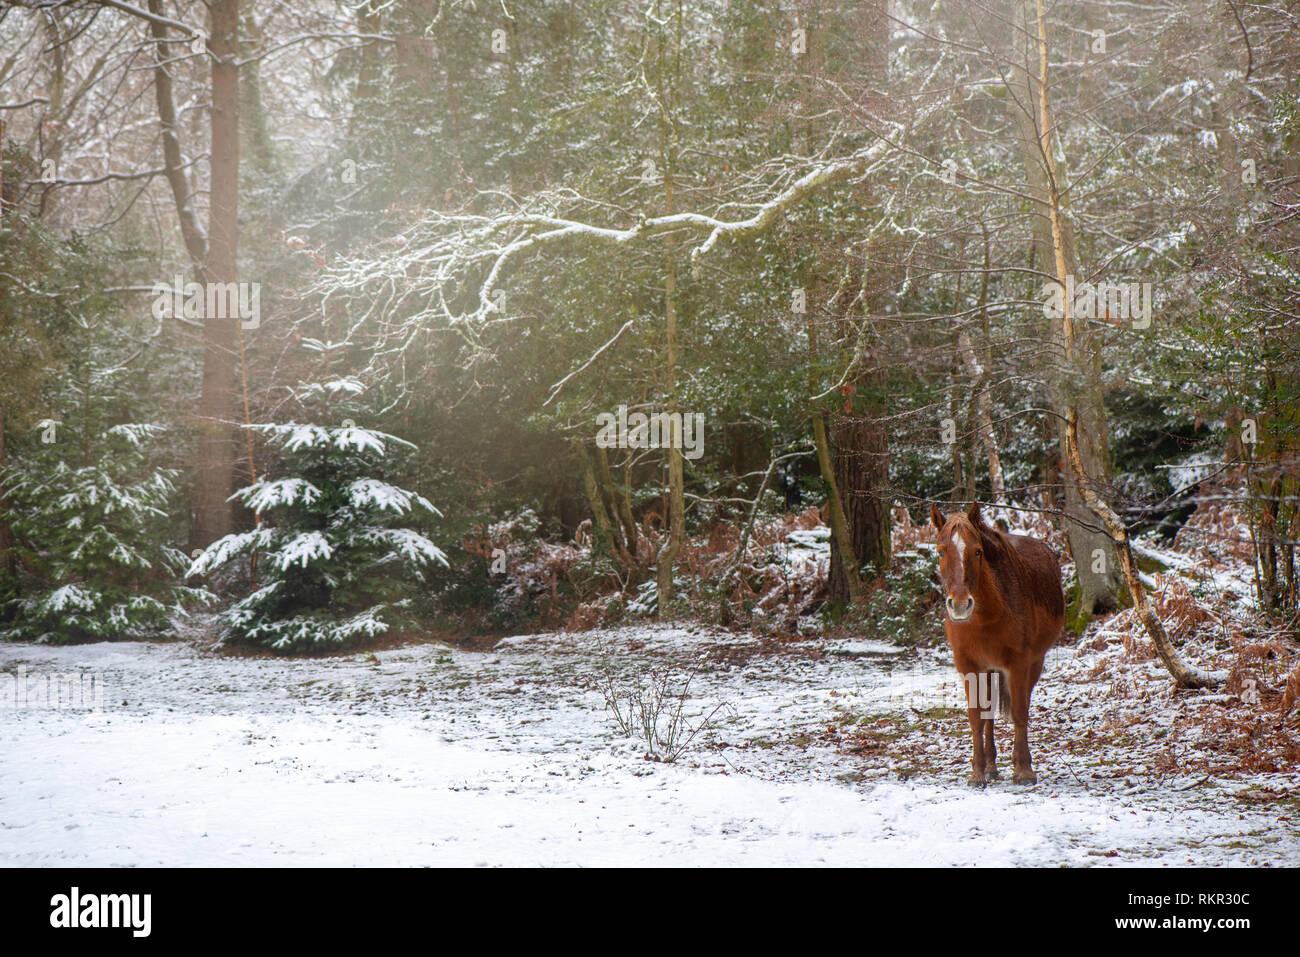 Close-up de droit de pâturage sur poneys New Forest et Holly Bracken dans la neige, dans les bois du parc national New Forest, Hampshire, England, UK Banque D'Images